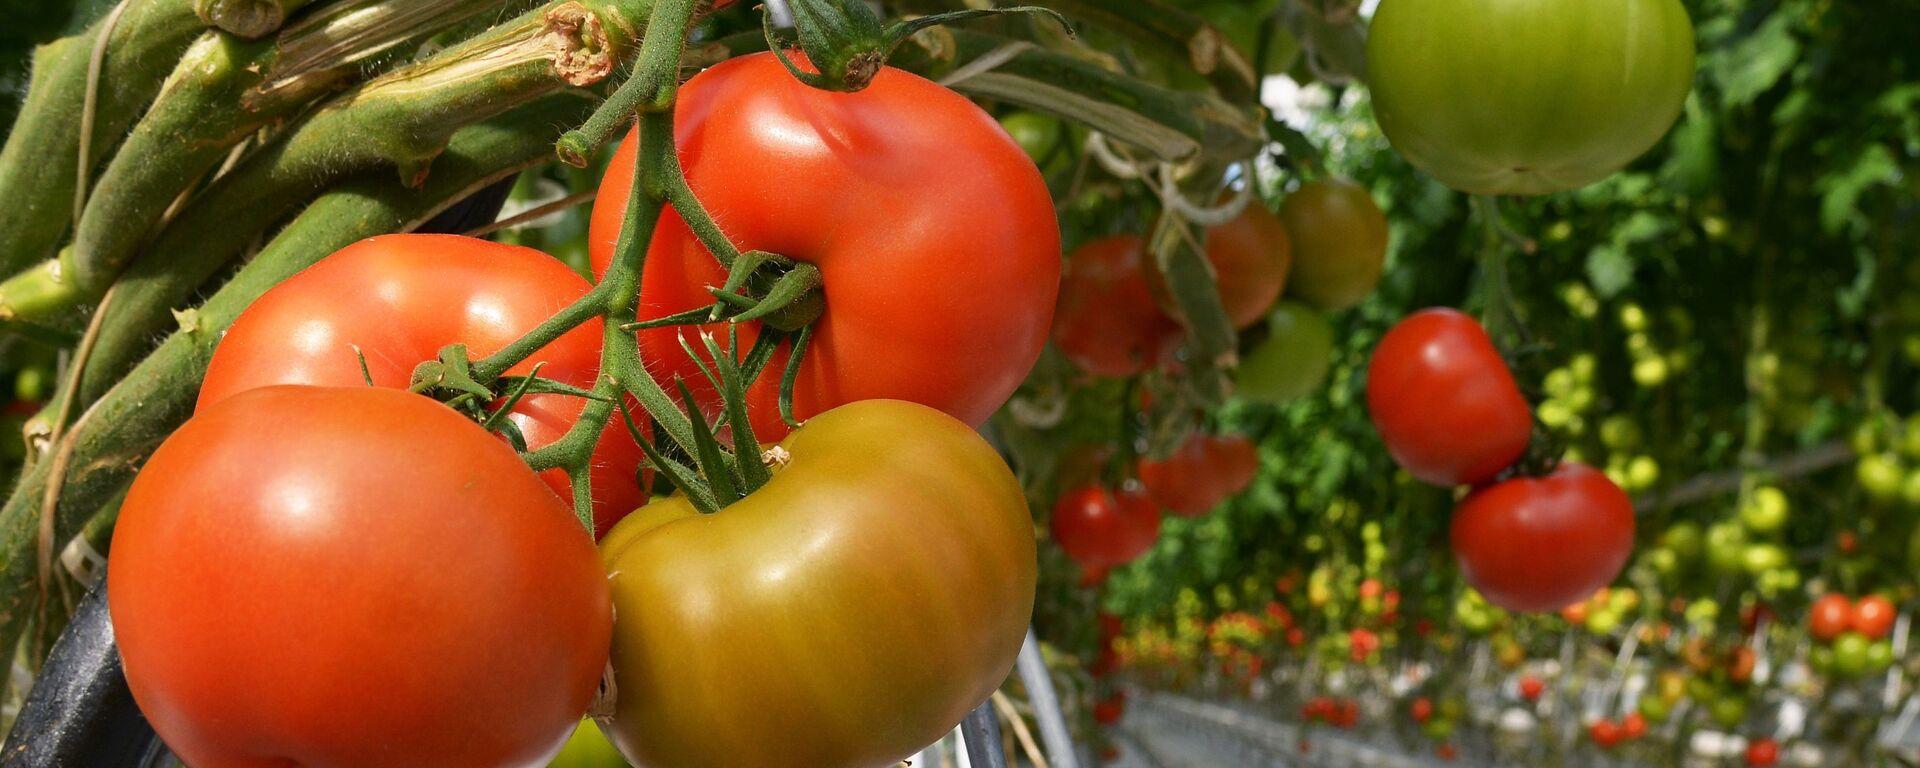 Pomodori in serra - Sputnik Italia, 1920, 27.04.2021